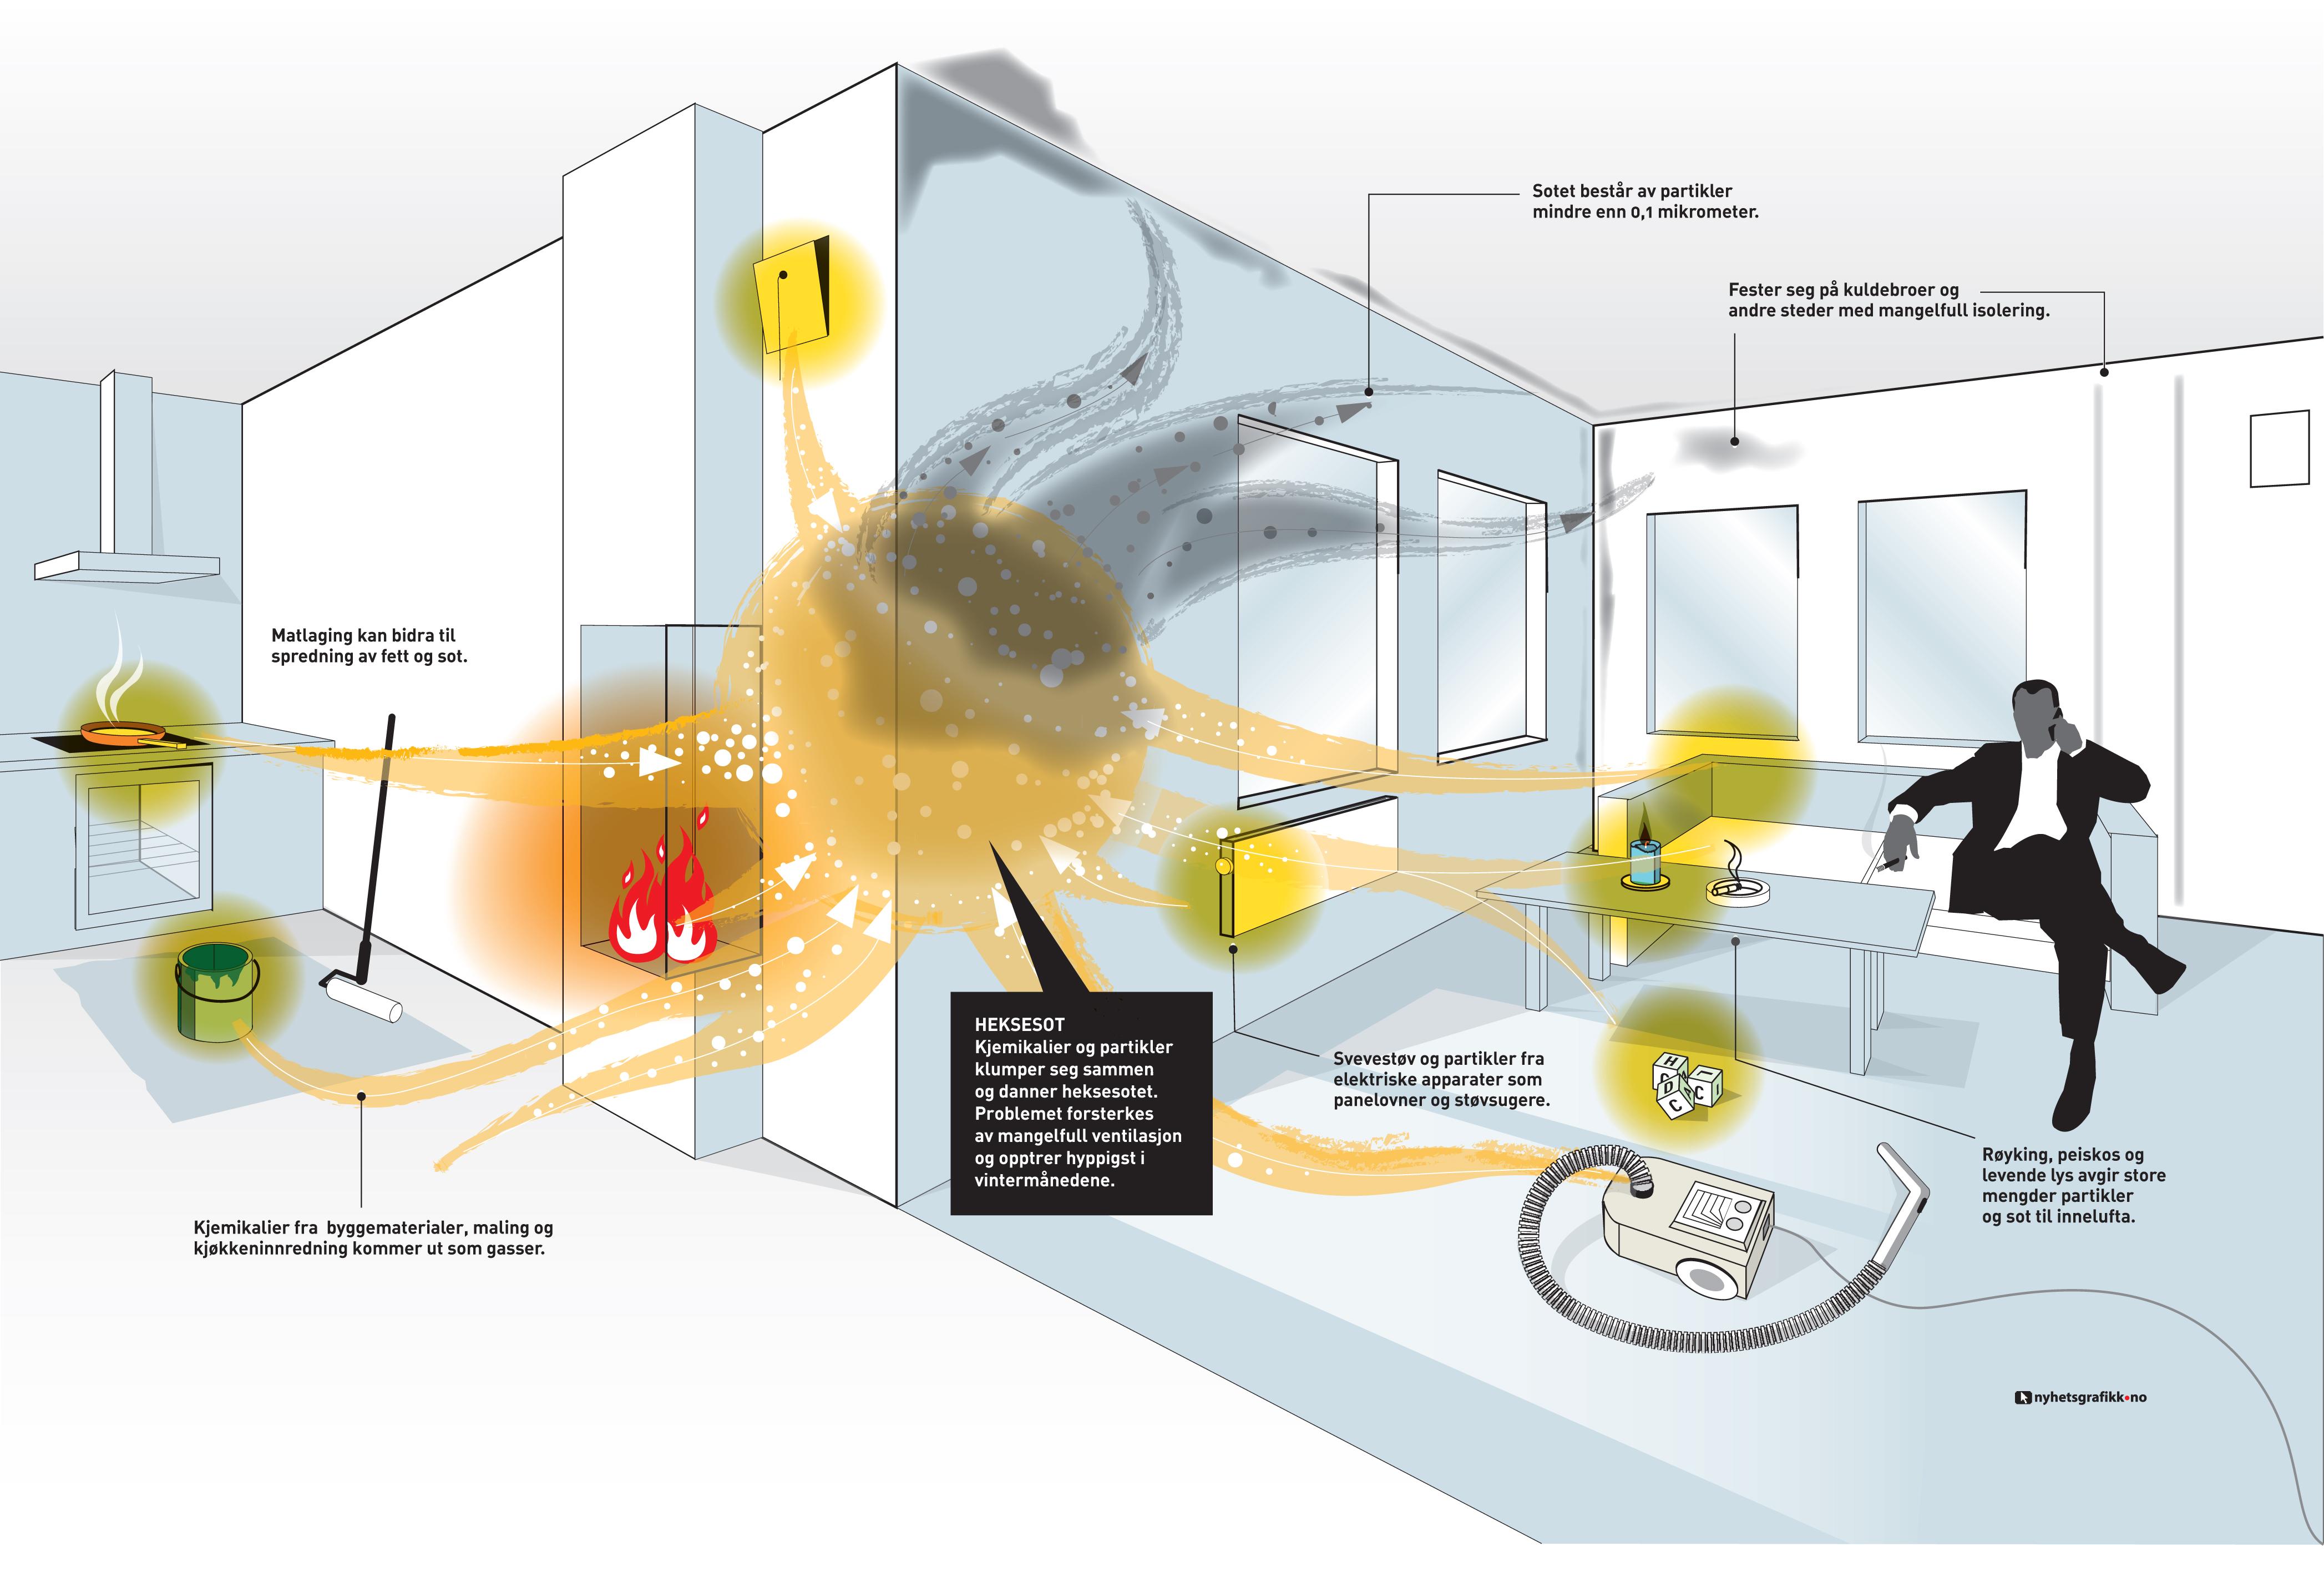 Heksesot kan være et stort problem i nyoppusede hjem. Illustrasjon: Doghouse.